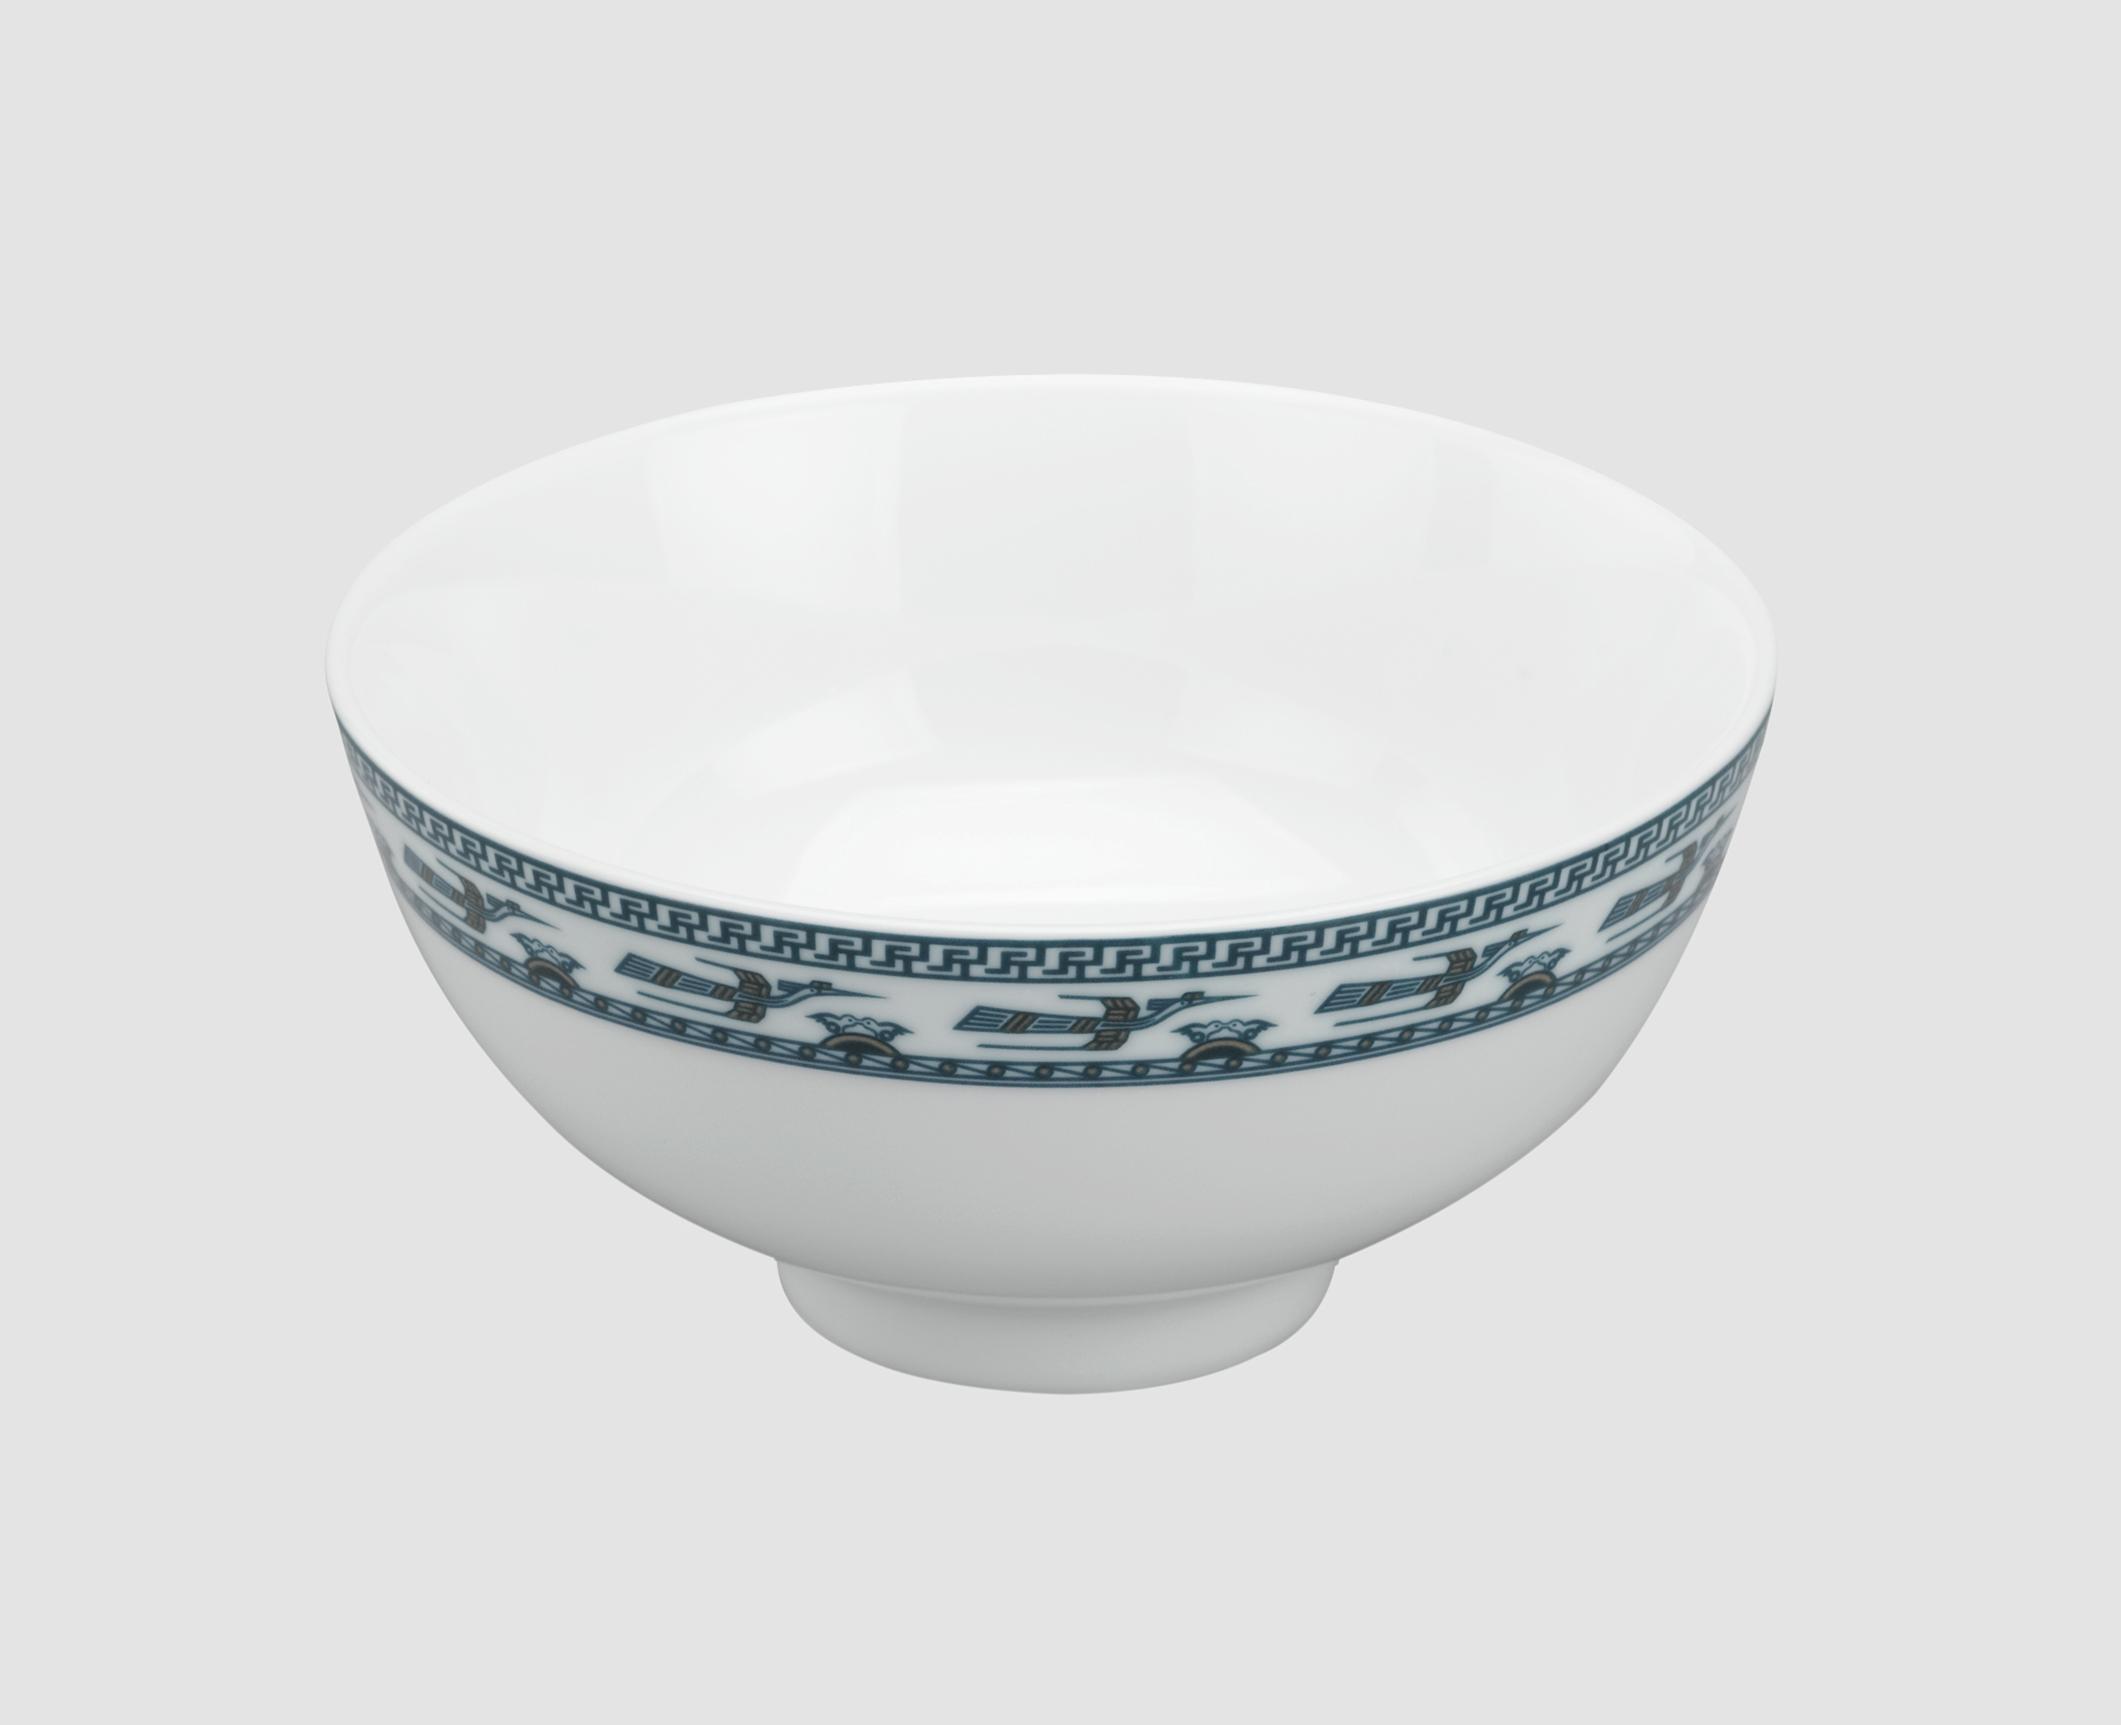 Chén cơm 11.5cm Jasmine Chim Lạc 031106385 Minh Long